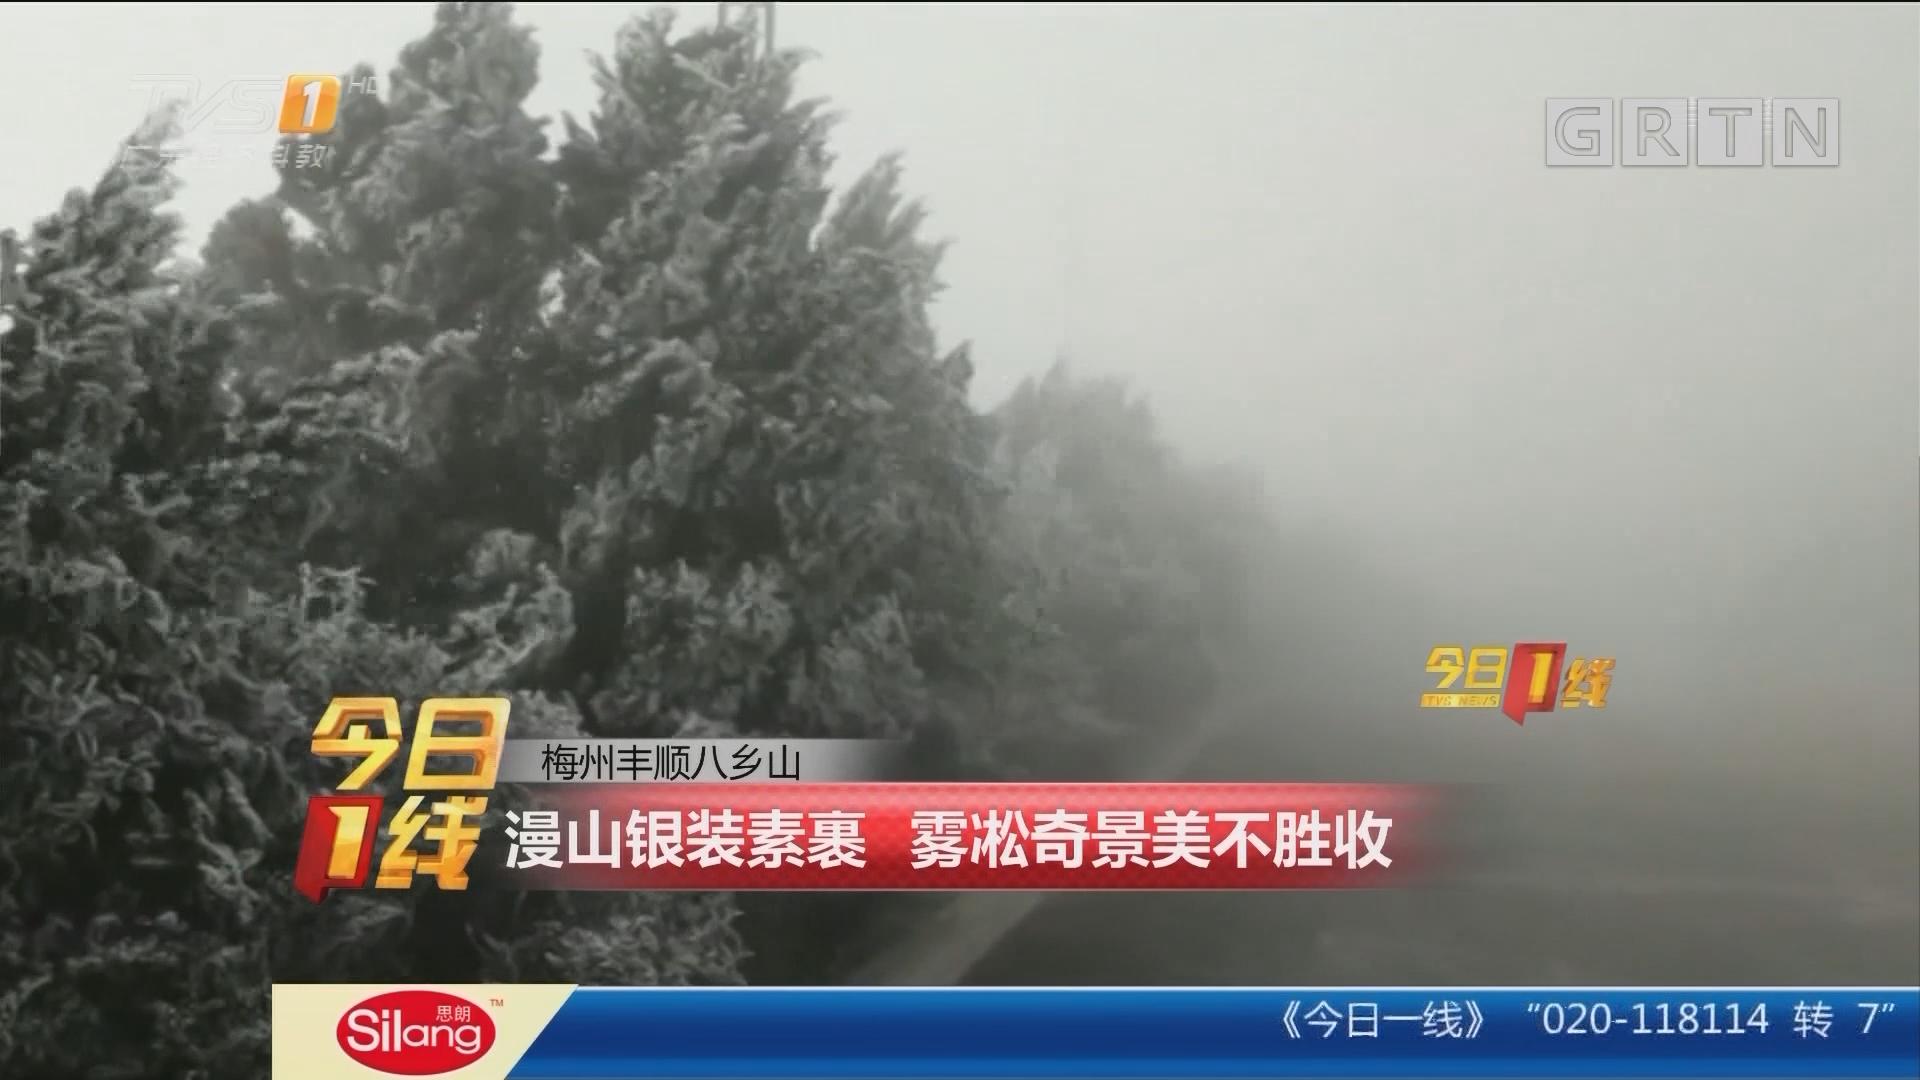 梅州丰顺八乡山:漫山银装素裹 雾凇奇景美不胜收